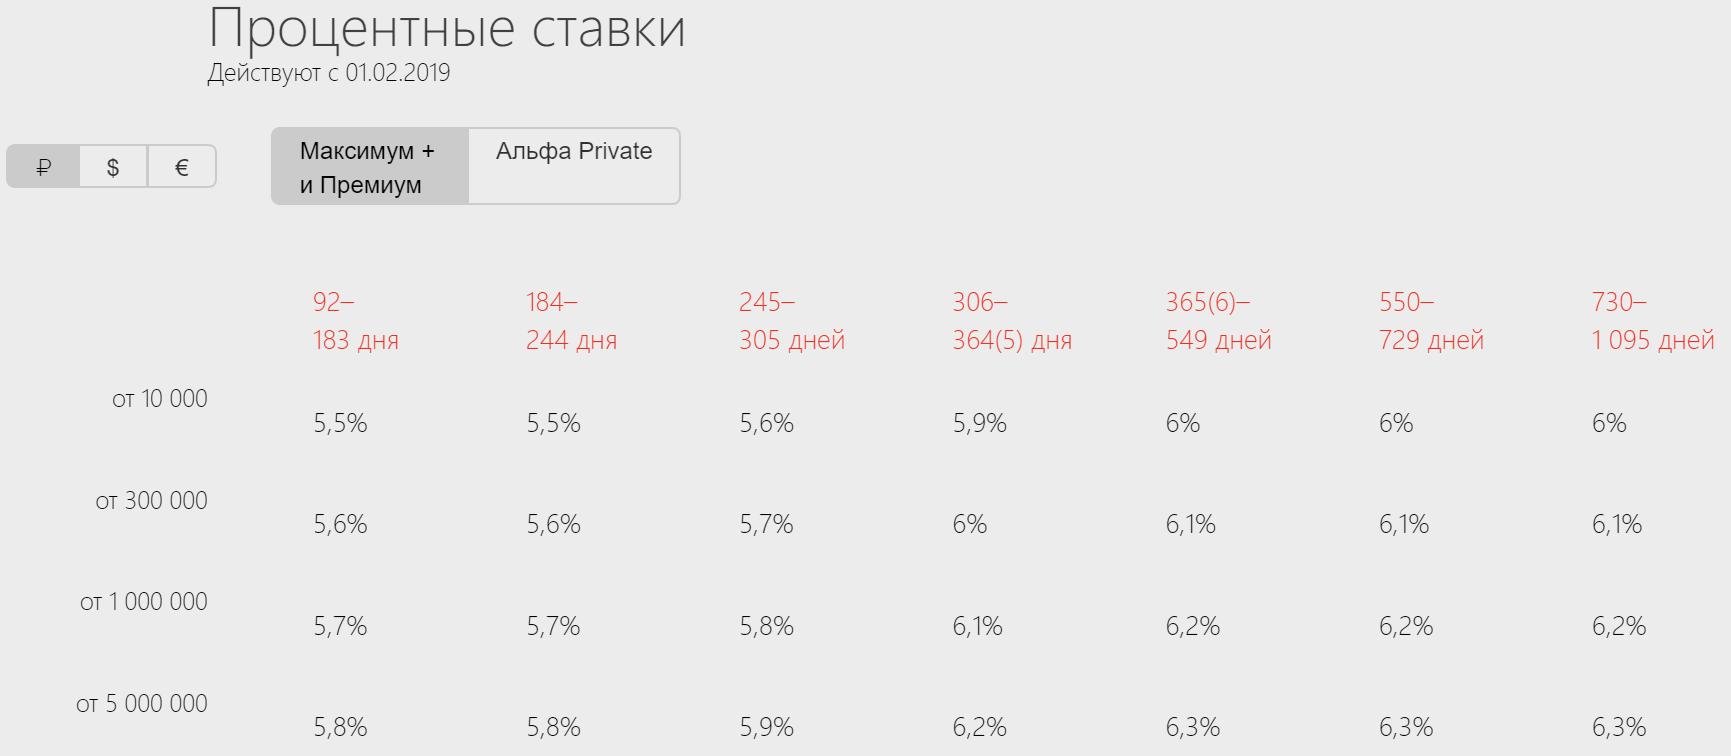 Процентные ставки вклад «Потенциал +»